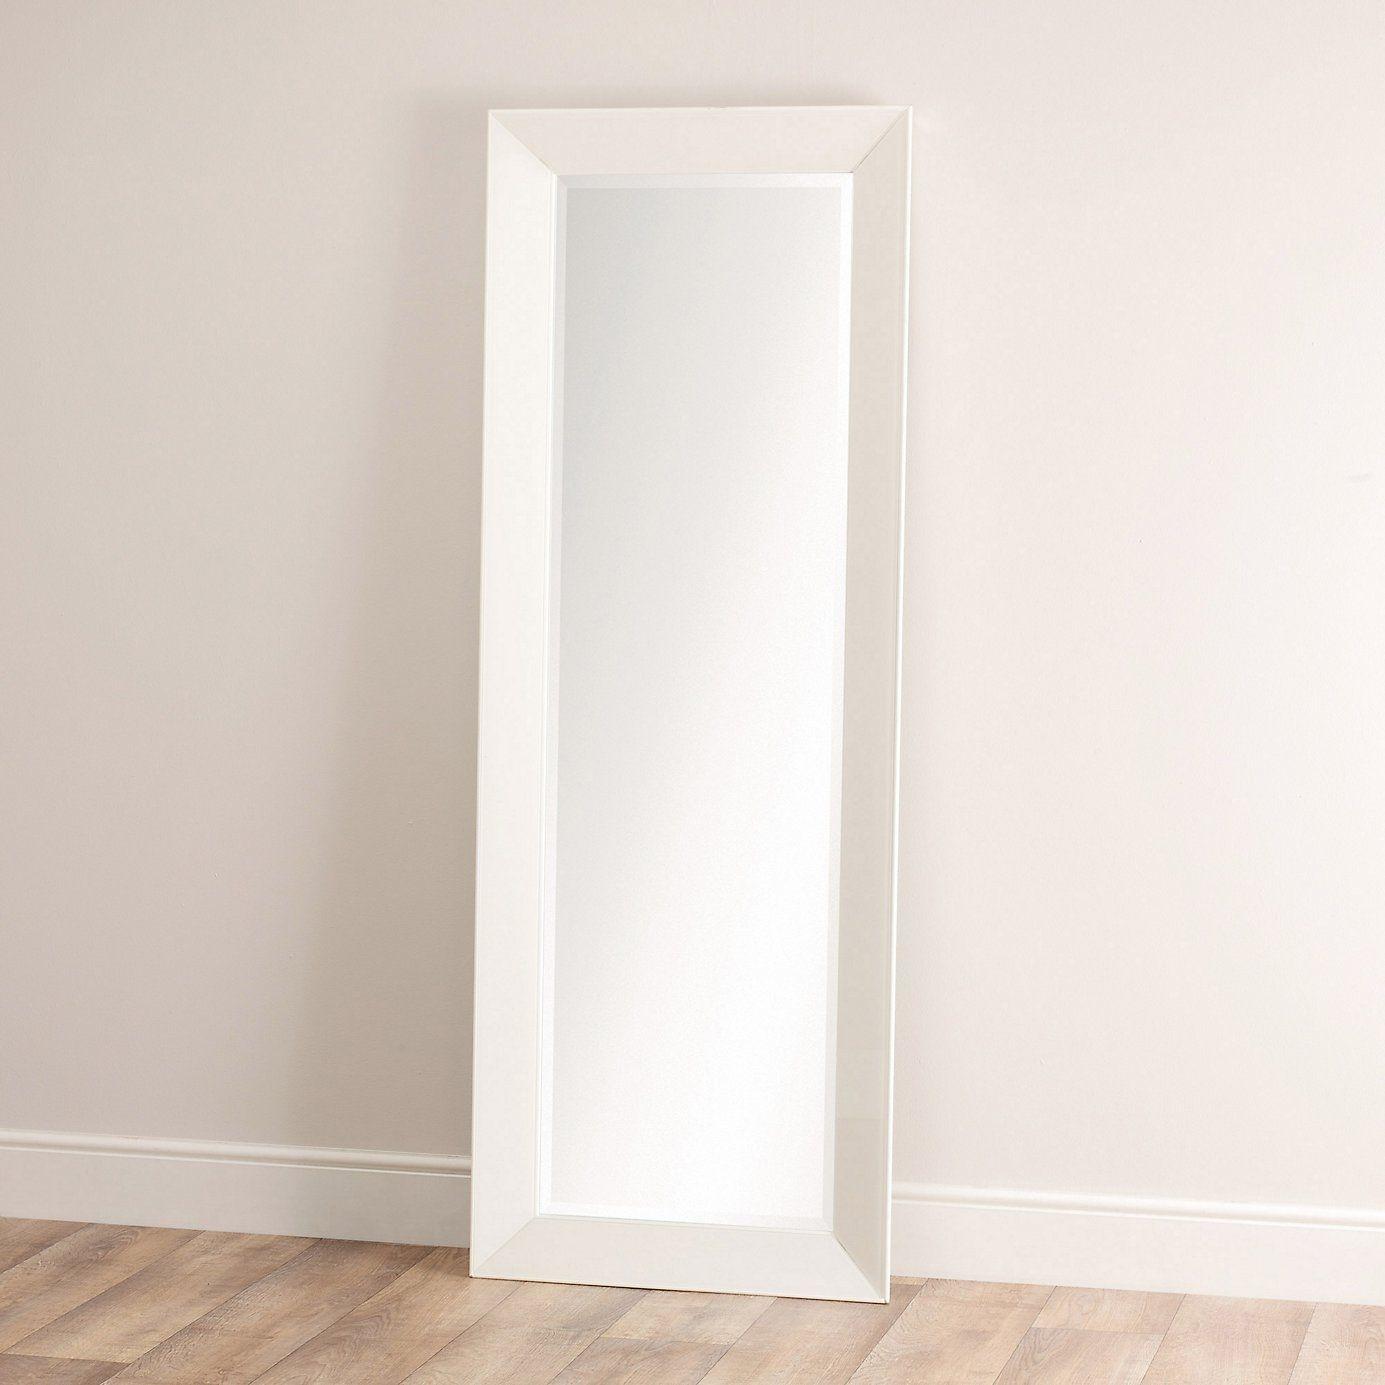 White Framed Full Length Wall Mirror | http://drrw.us | Pinterest ...